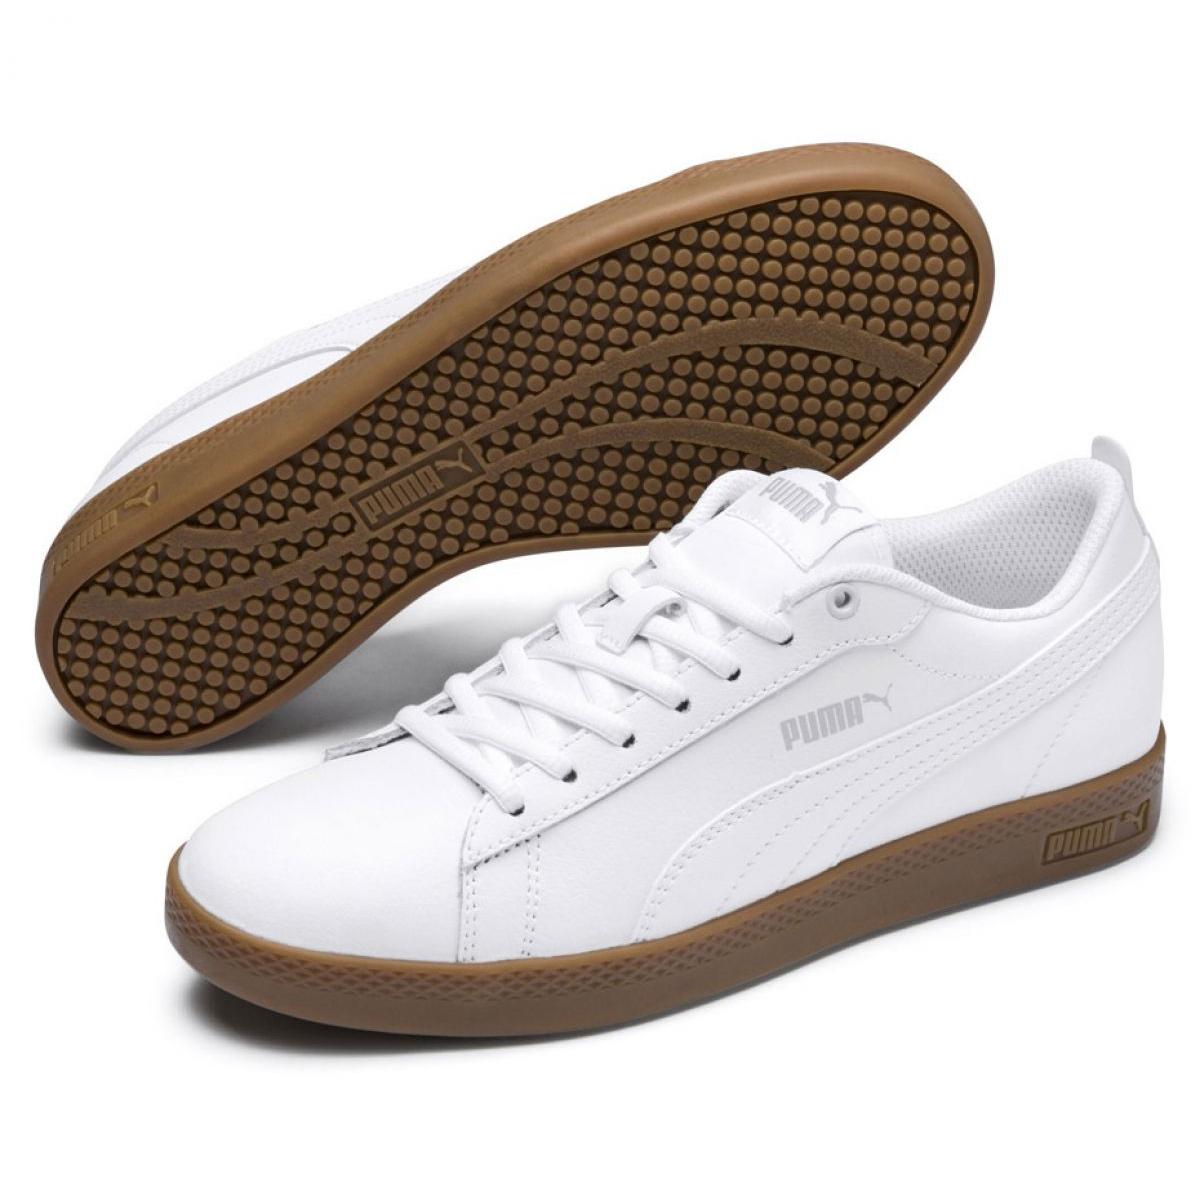 scarpe puma bianche